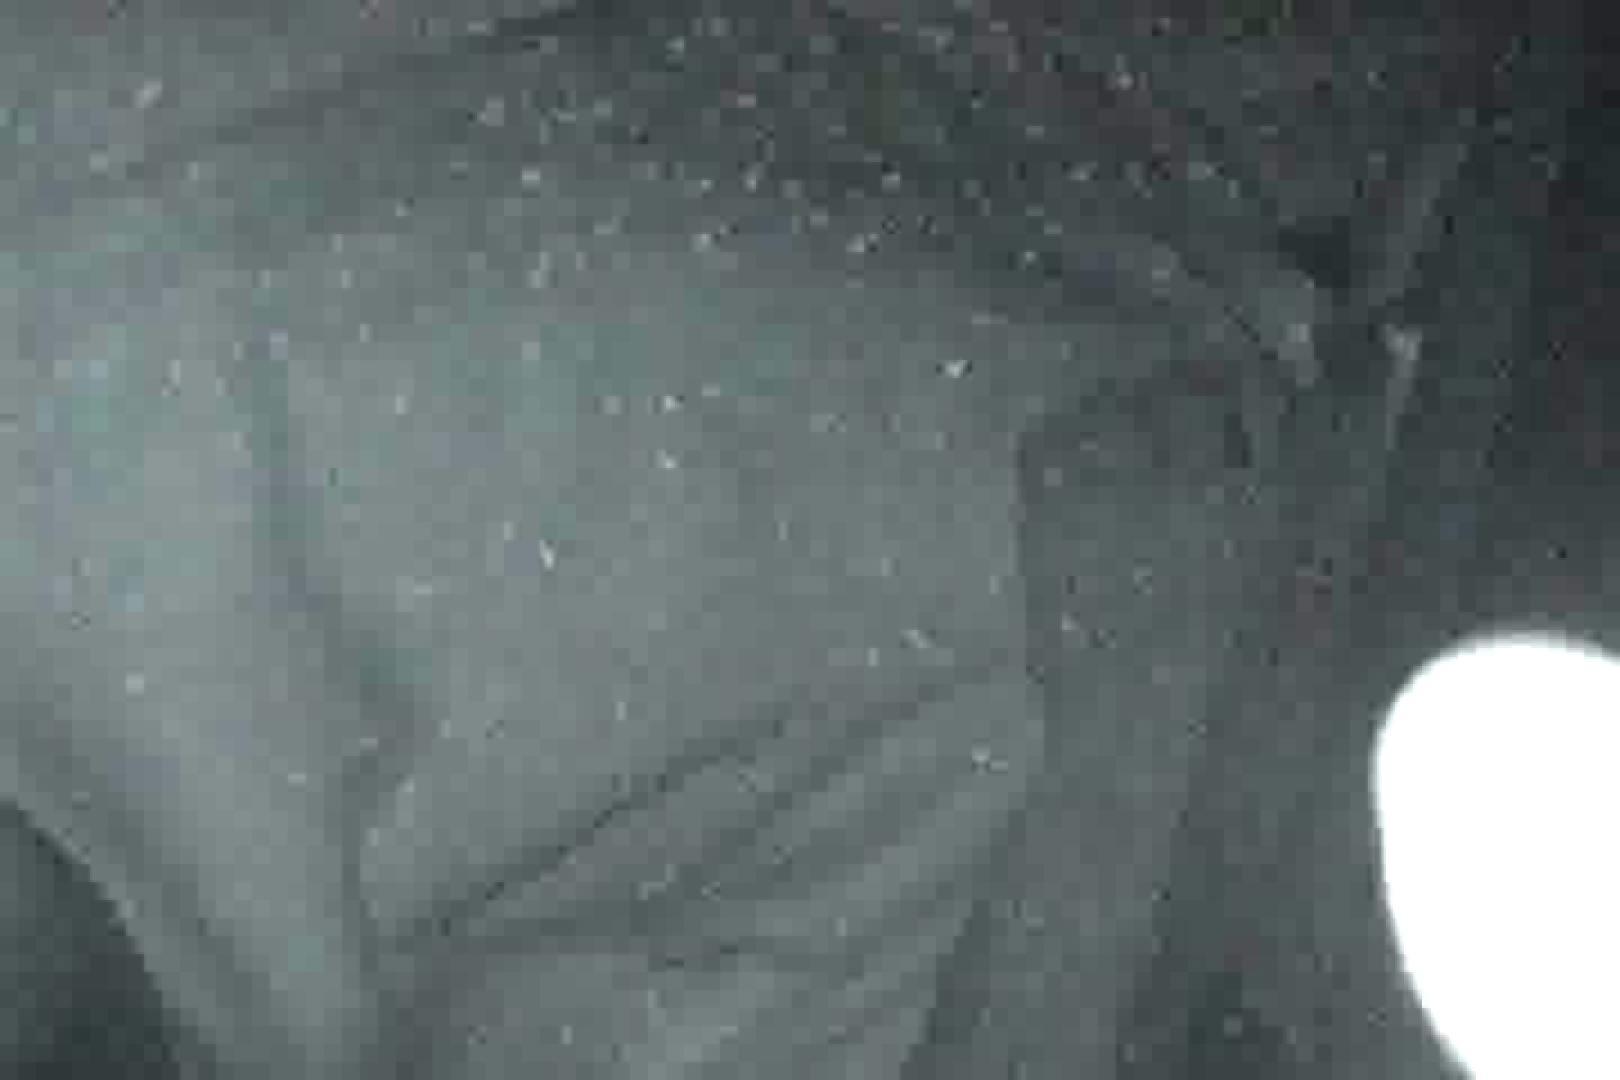 充血監督の深夜の運動会Vol.4 OLセックス  87画像 68